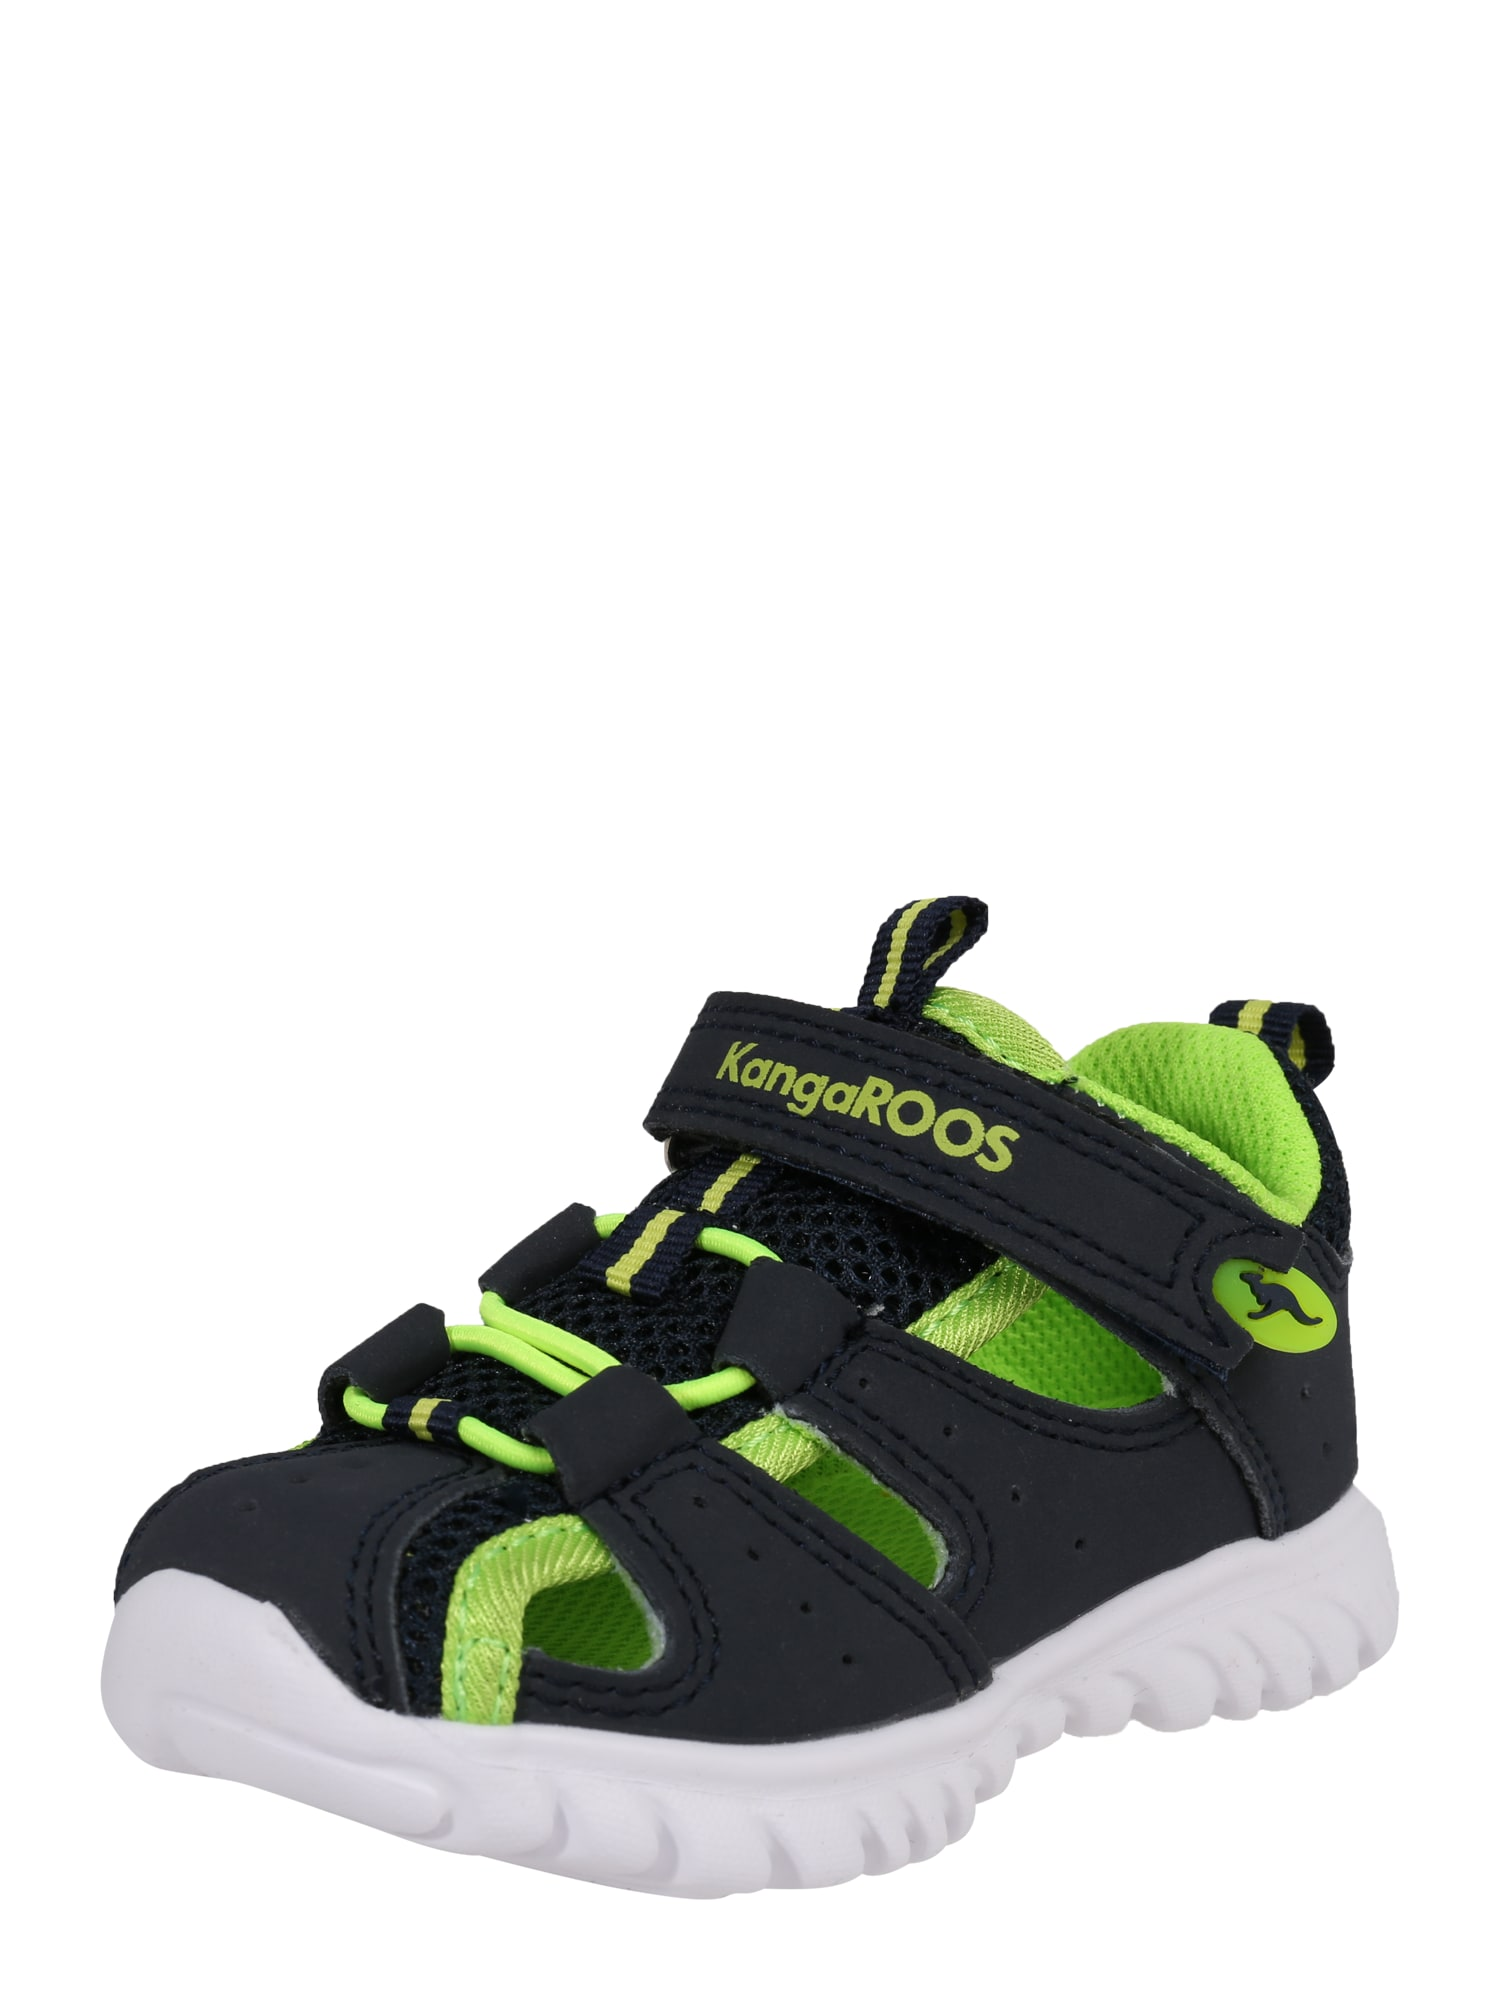 Polobotky Rock lite svítivě zelená černá bílá KangaROOS